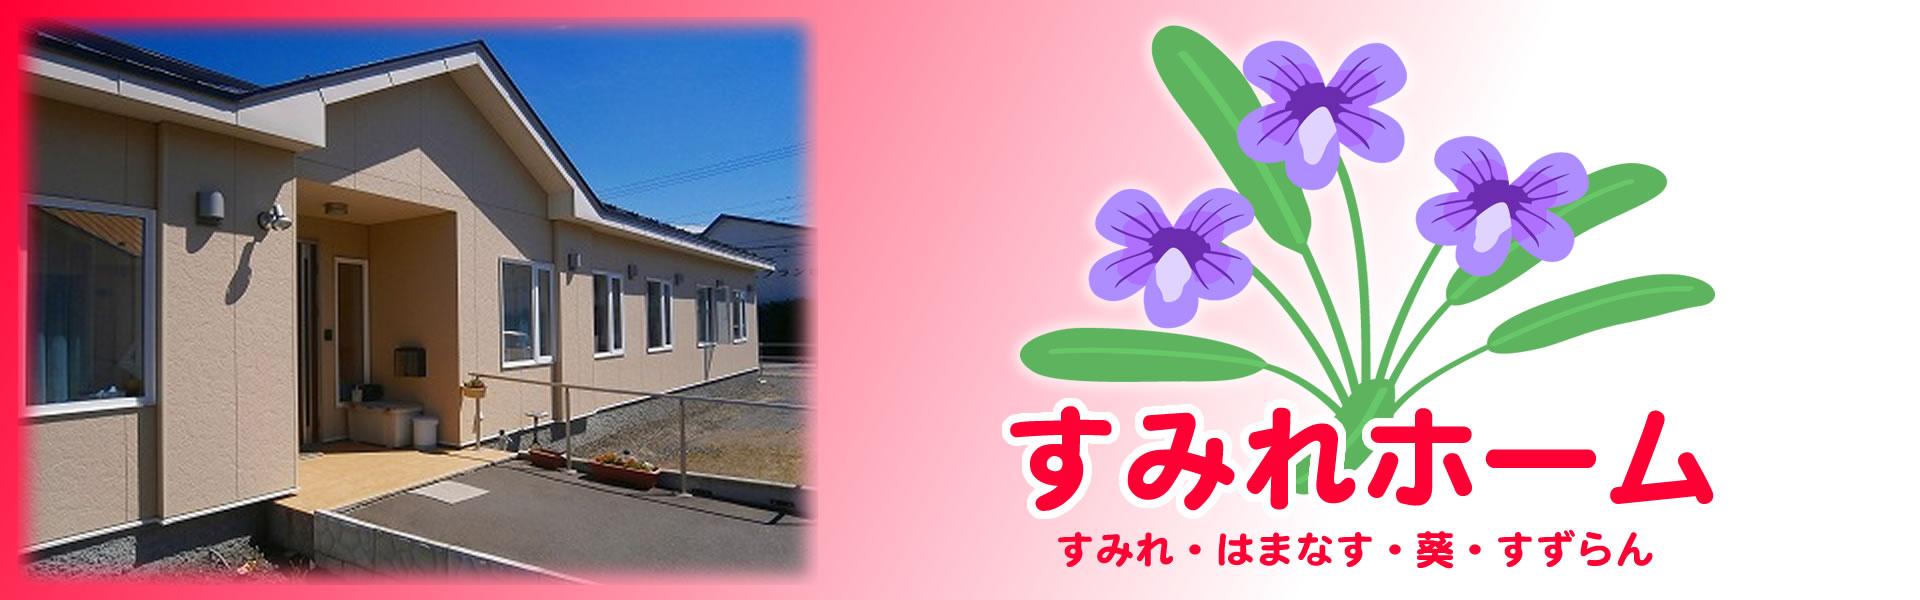 社会福祉法人 釧路愛育協会 すみれホーム